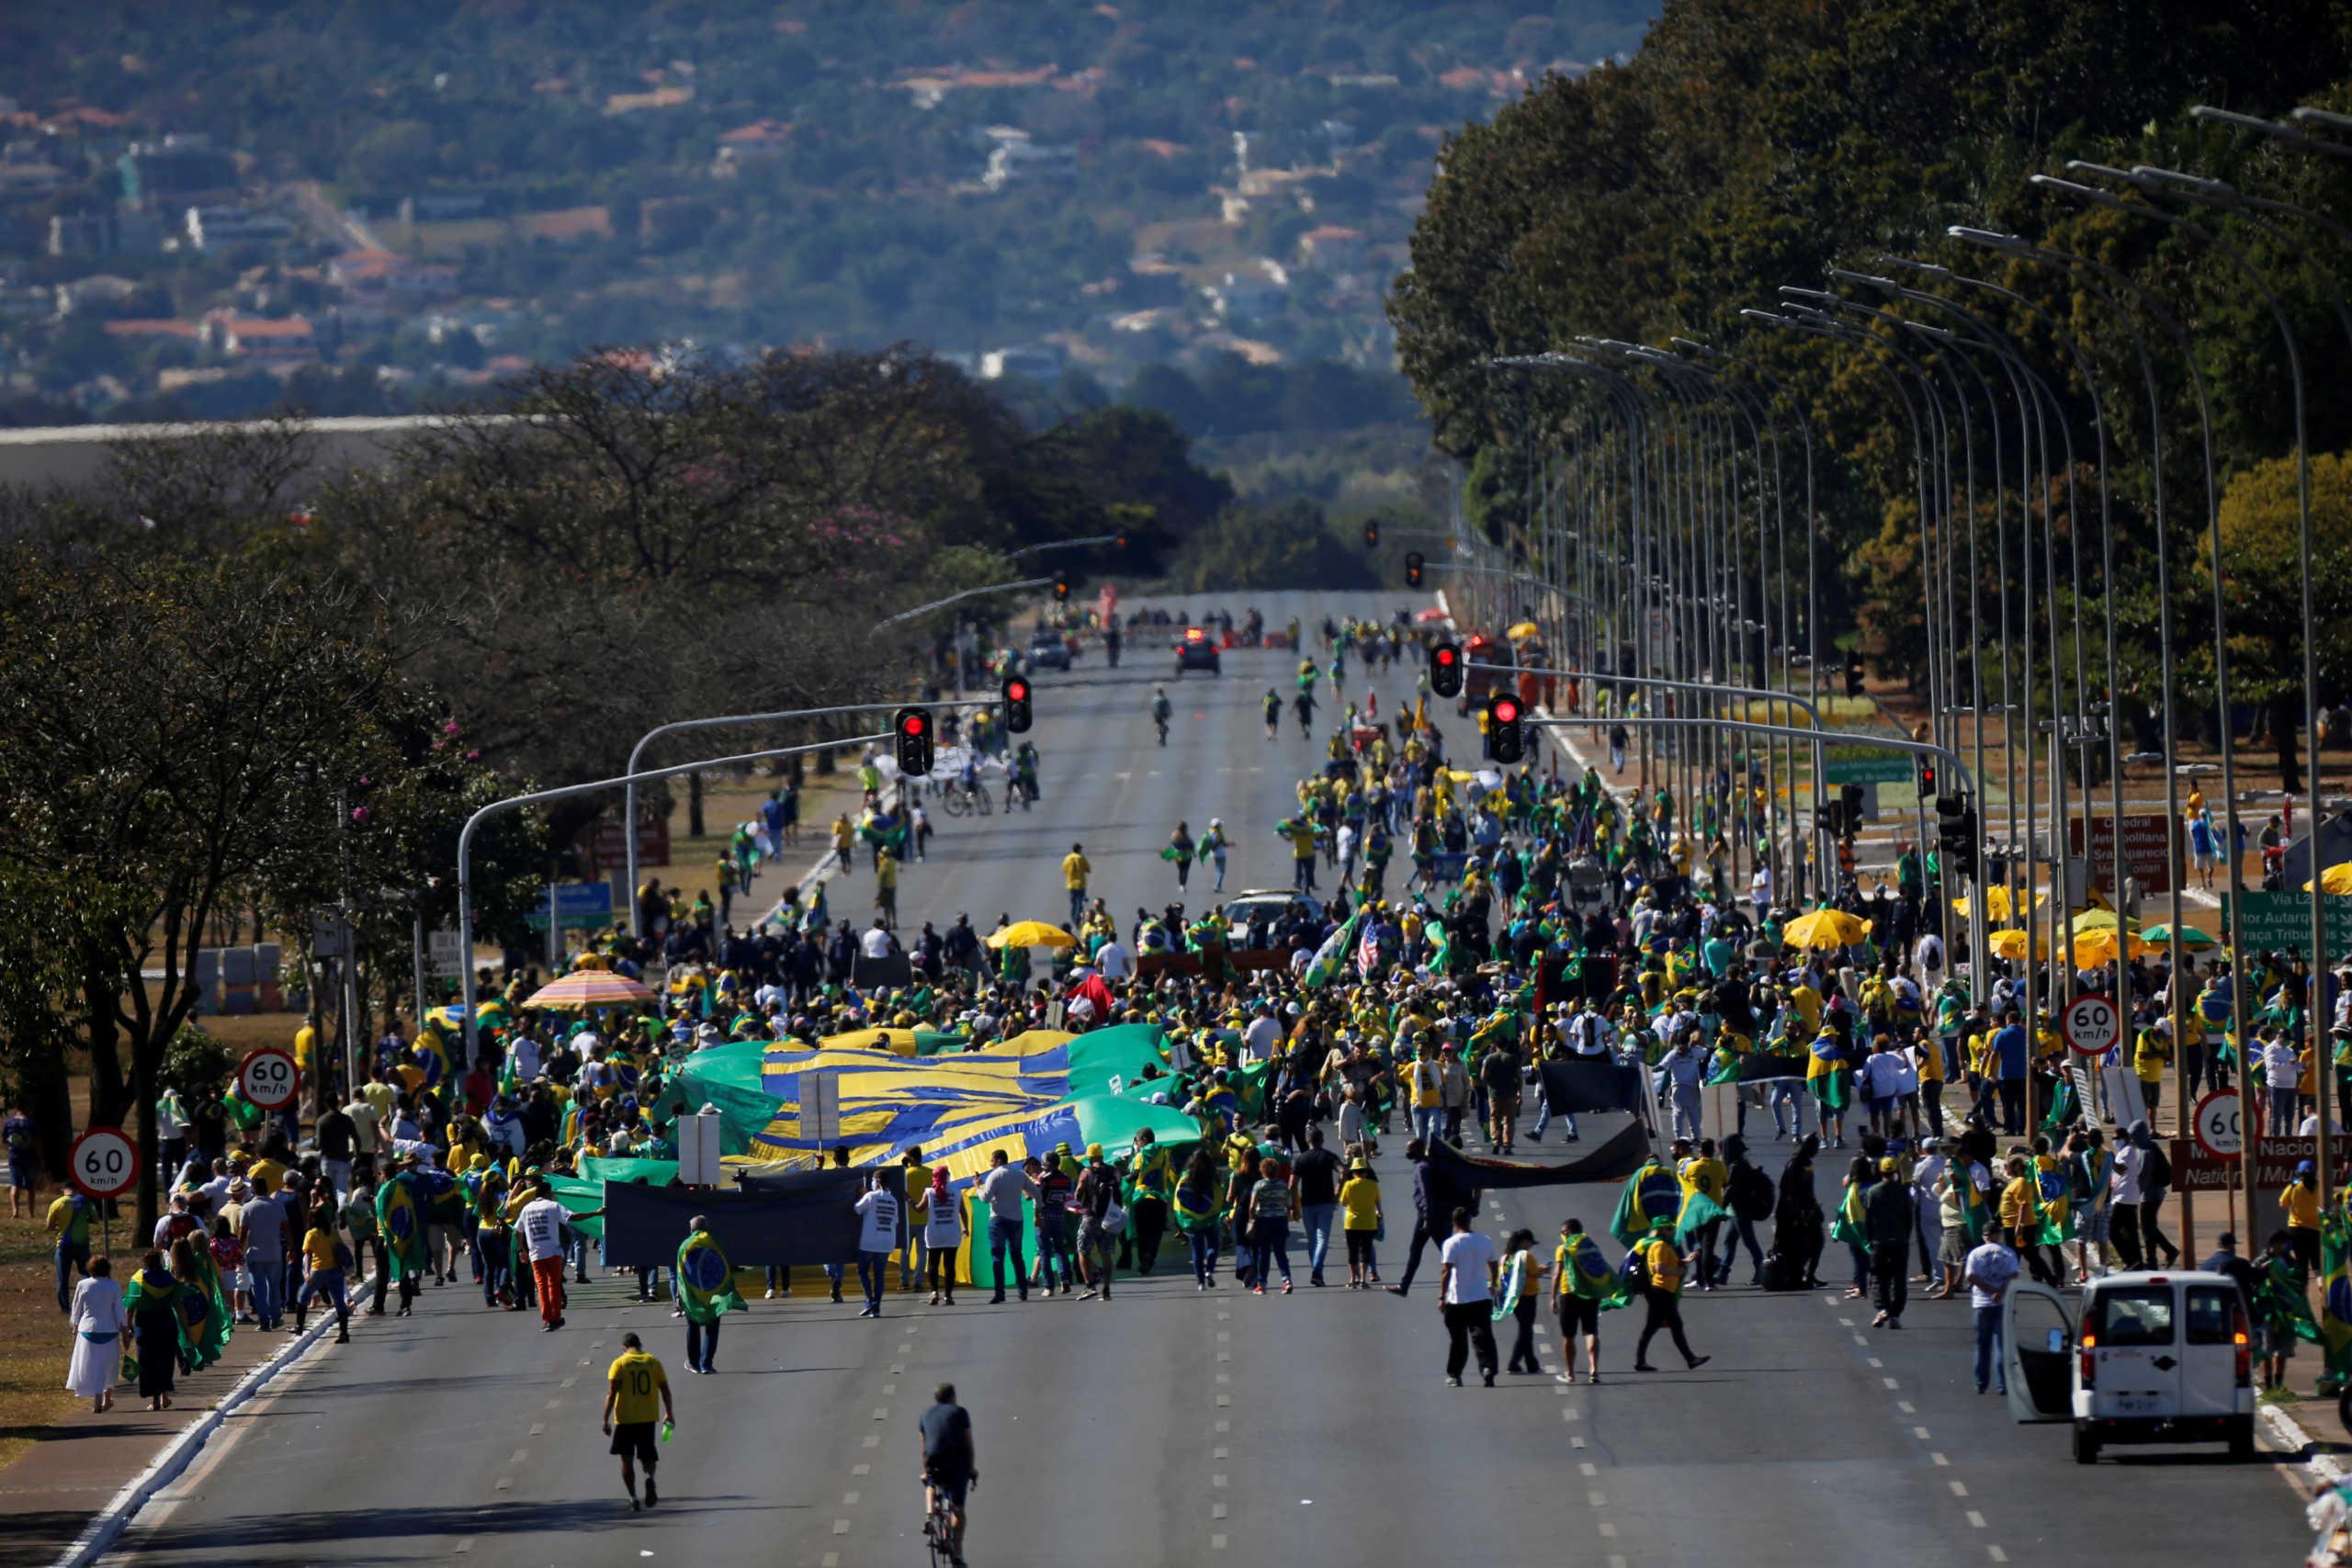 Βραζιλία: Διαδήλωση… υπέρ του Μπολσονάρο που είναι σε καραντίνα (pics)